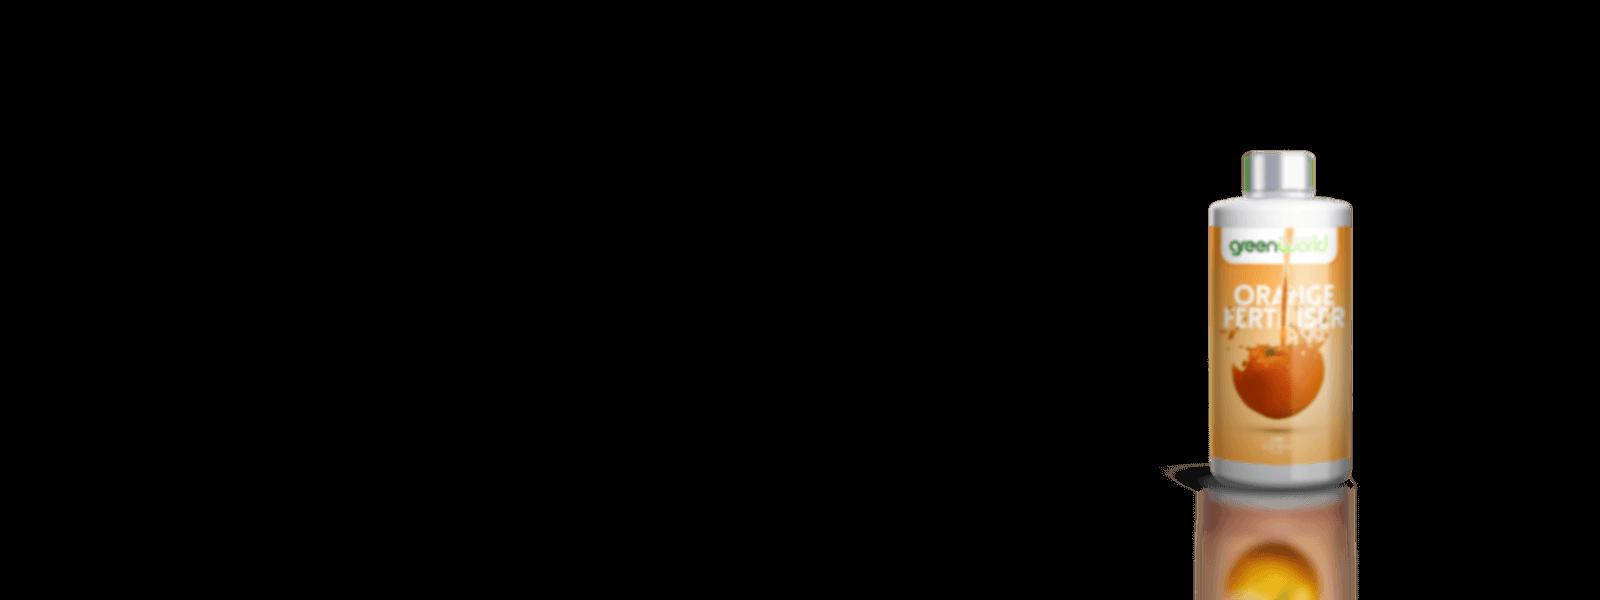 لایه چهارم اسلاید گرین ورلد، هویت بصری گرین ورلد، طراحی لوگو، طراحی لوگوتایپ، شرکت تبلیغاتی الف، طراحی هویت بصری